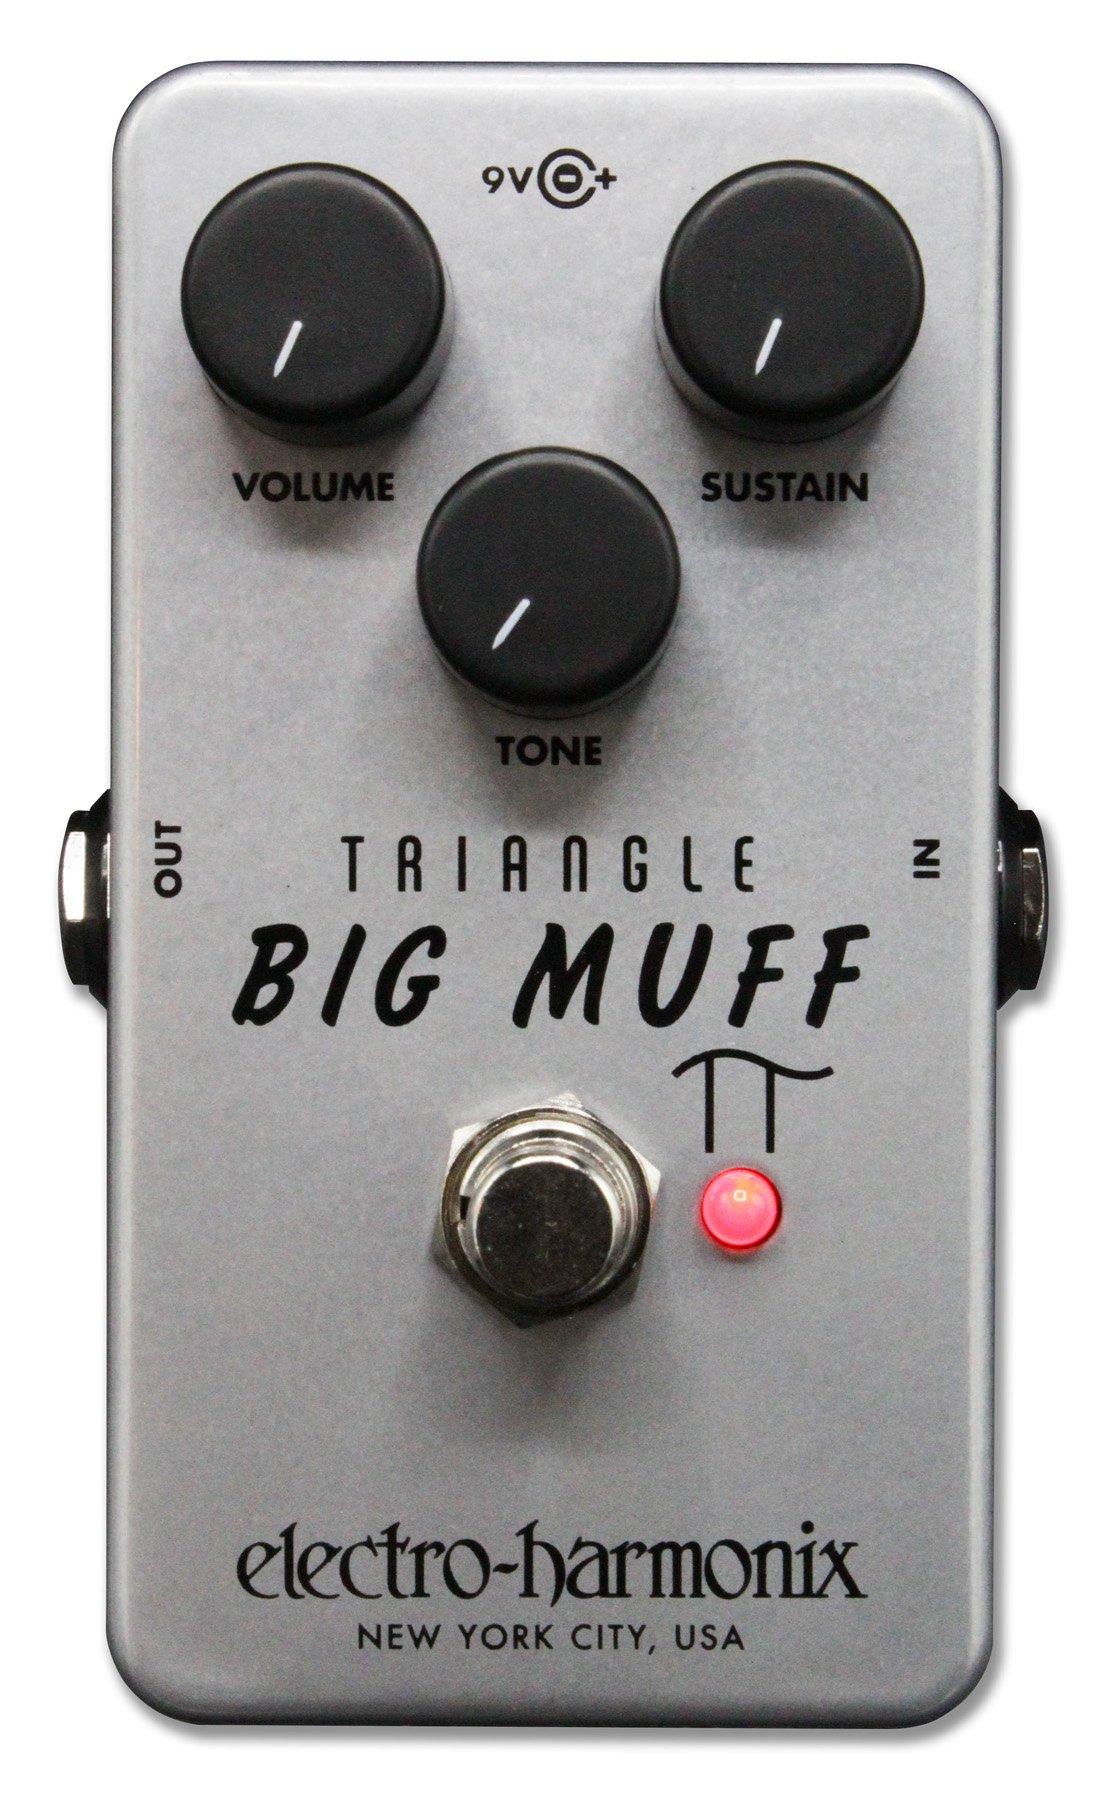 EHX Triangle Big Muff Distortion/Sustainer